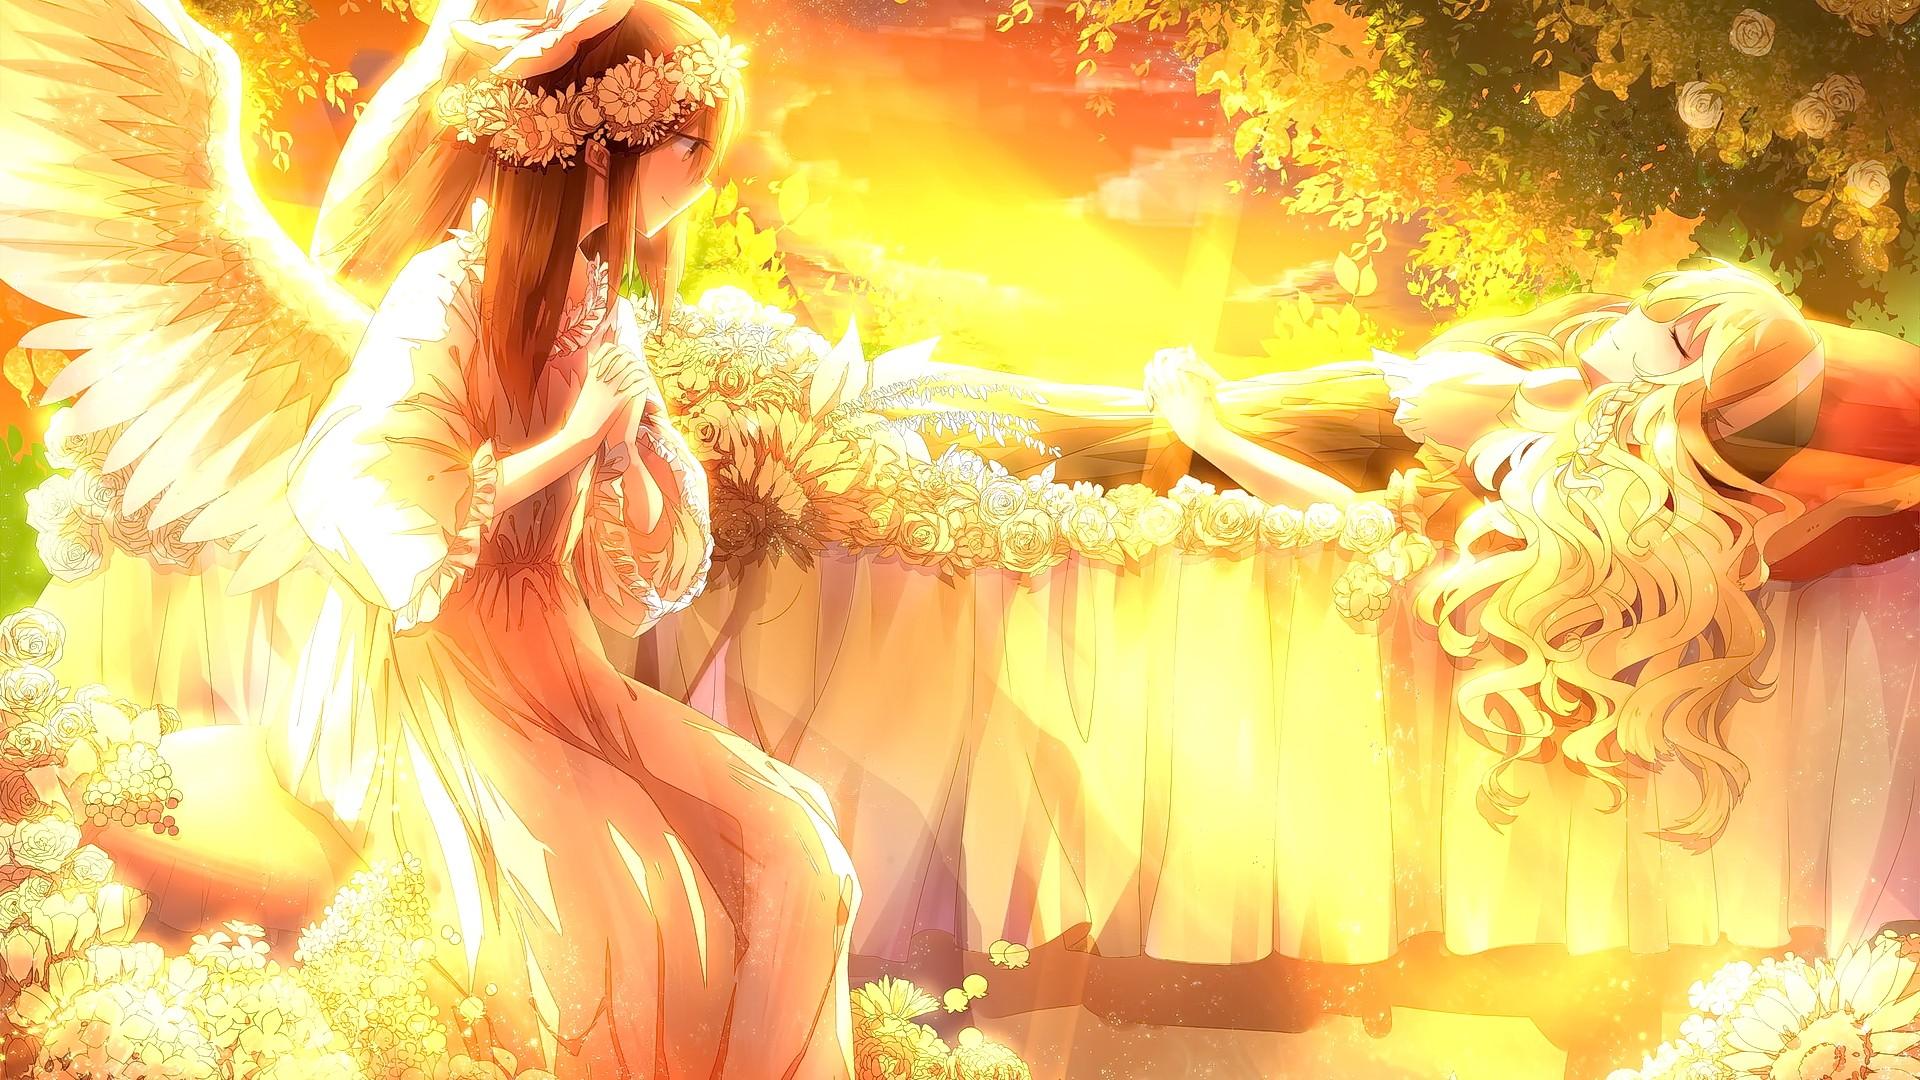 картинка солнышко и ангел чем начать